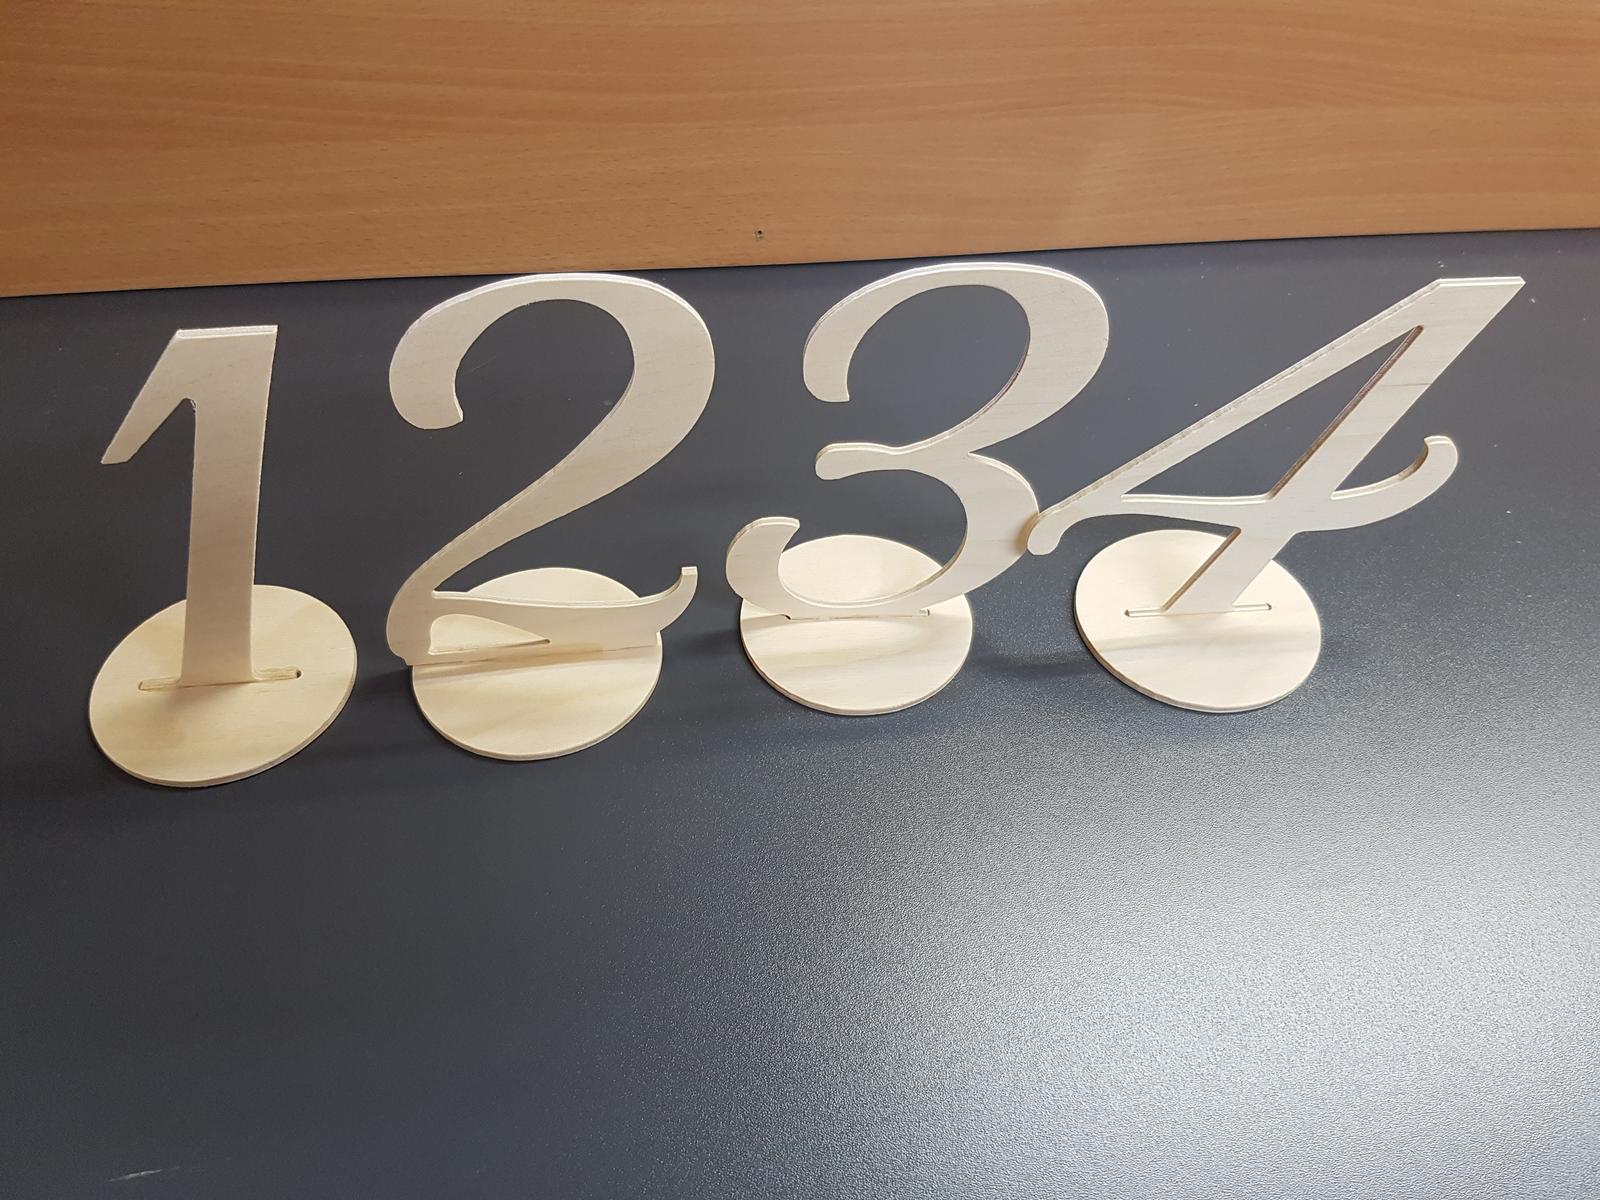 Drevene cisla na stoly od 1 po 10 - Obrázok č. 2